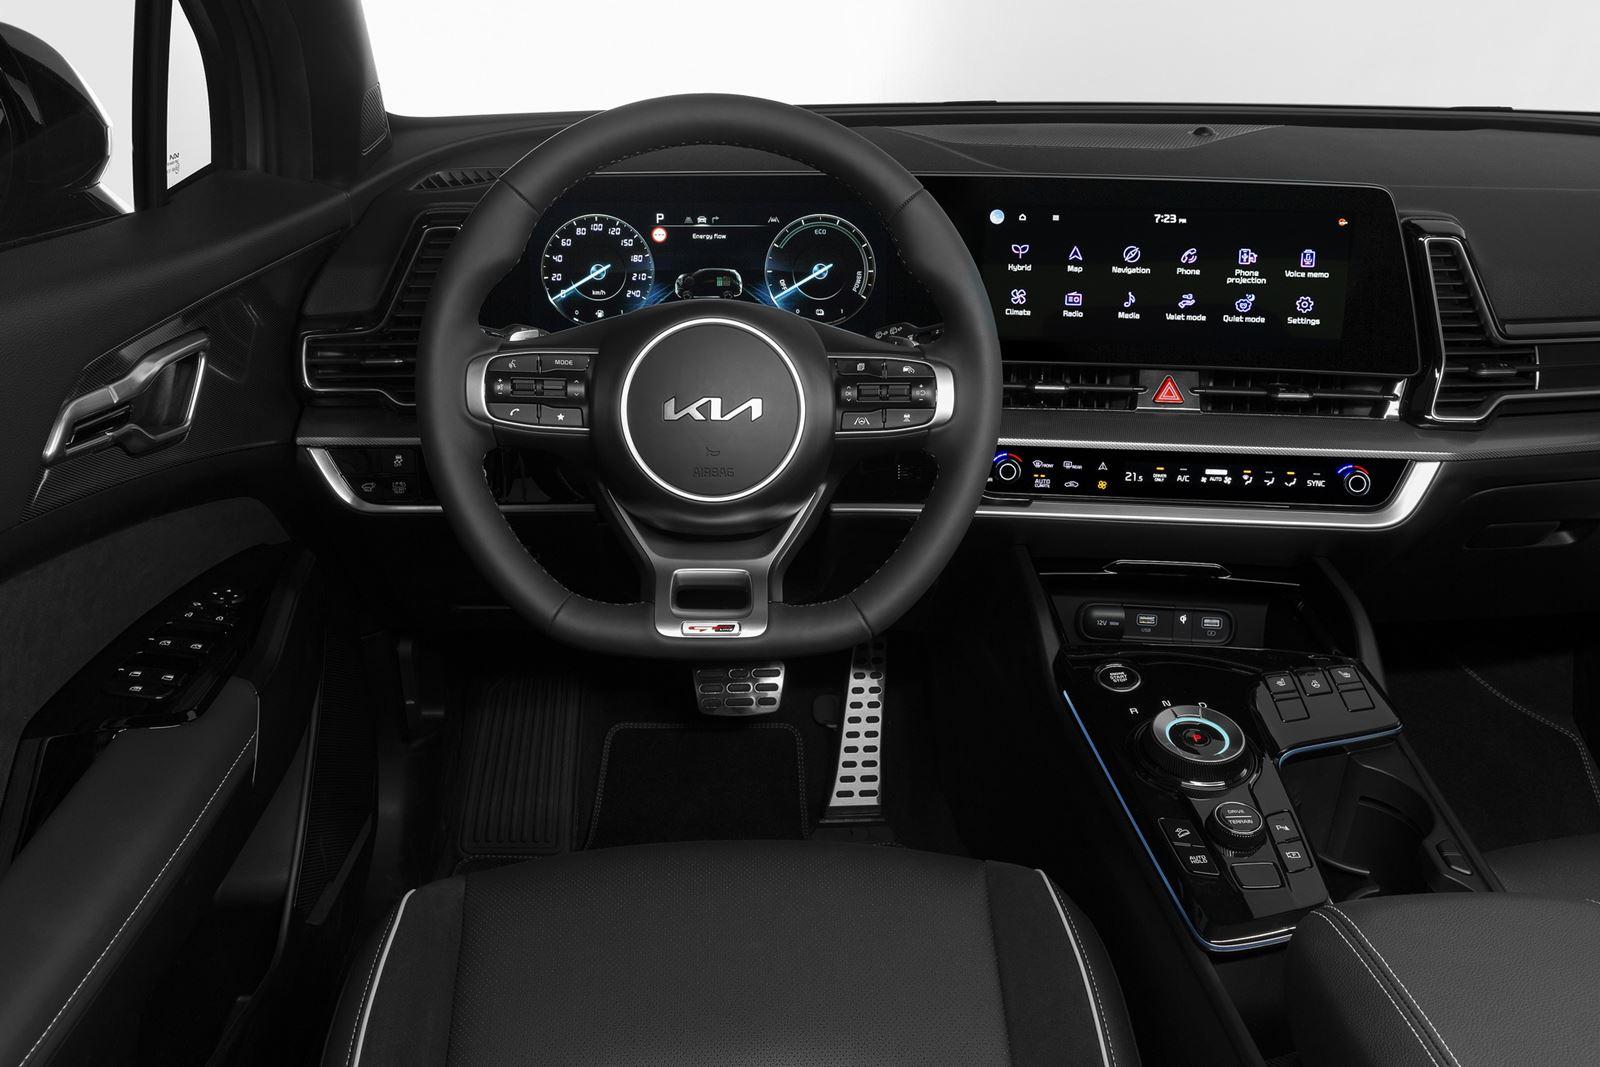 nuevo Kia Sportage interior